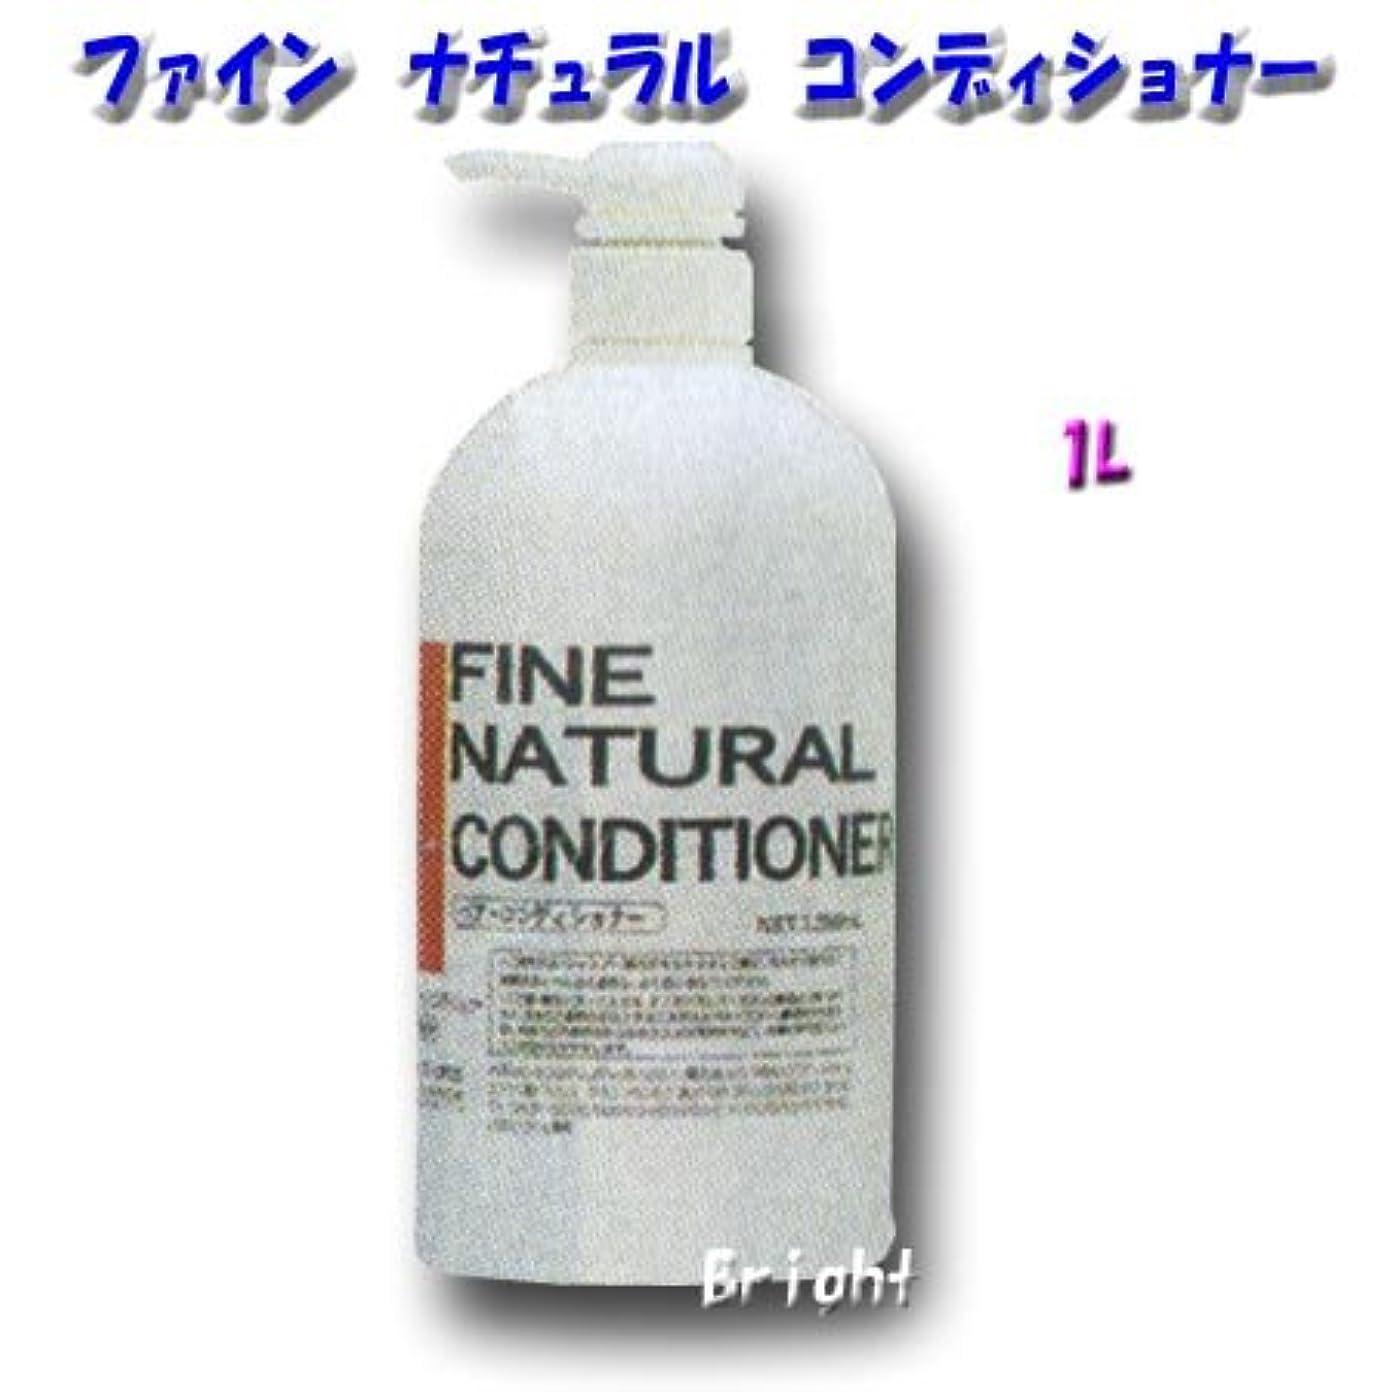 投資する関税人質ファイン ナチュラルコンディショナー 1L